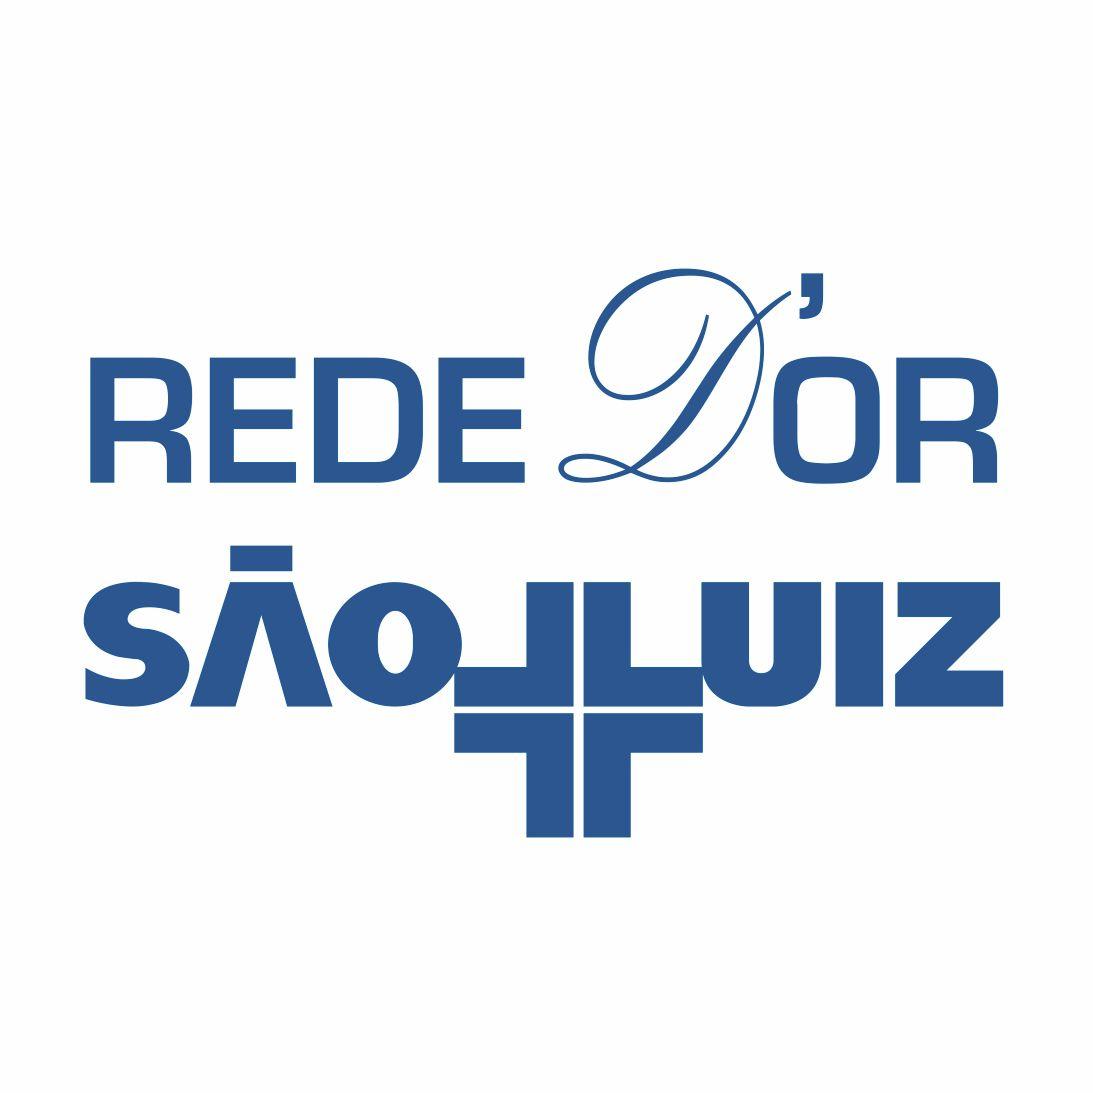 Rede D´or São Luiz